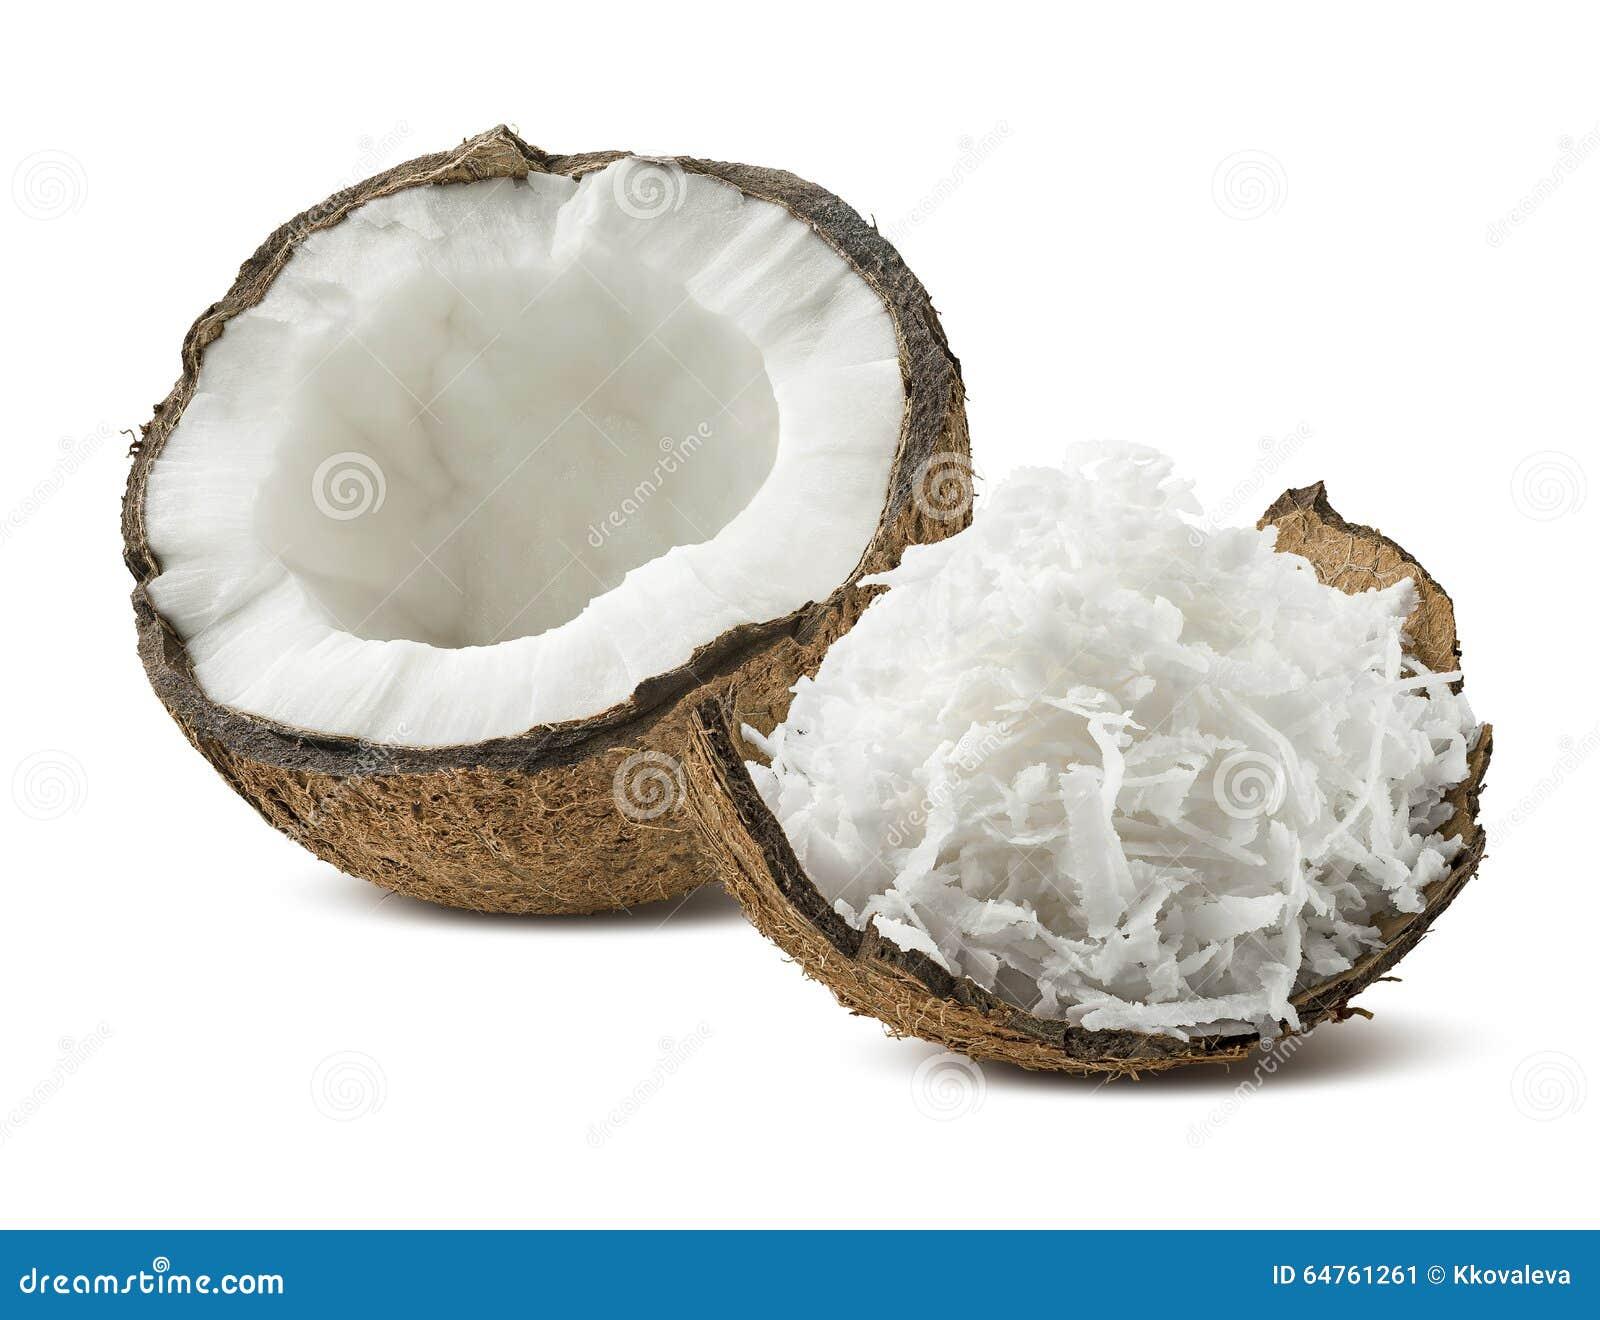 在白色背景隔绝的新近地被磨碎的椰子壳一半